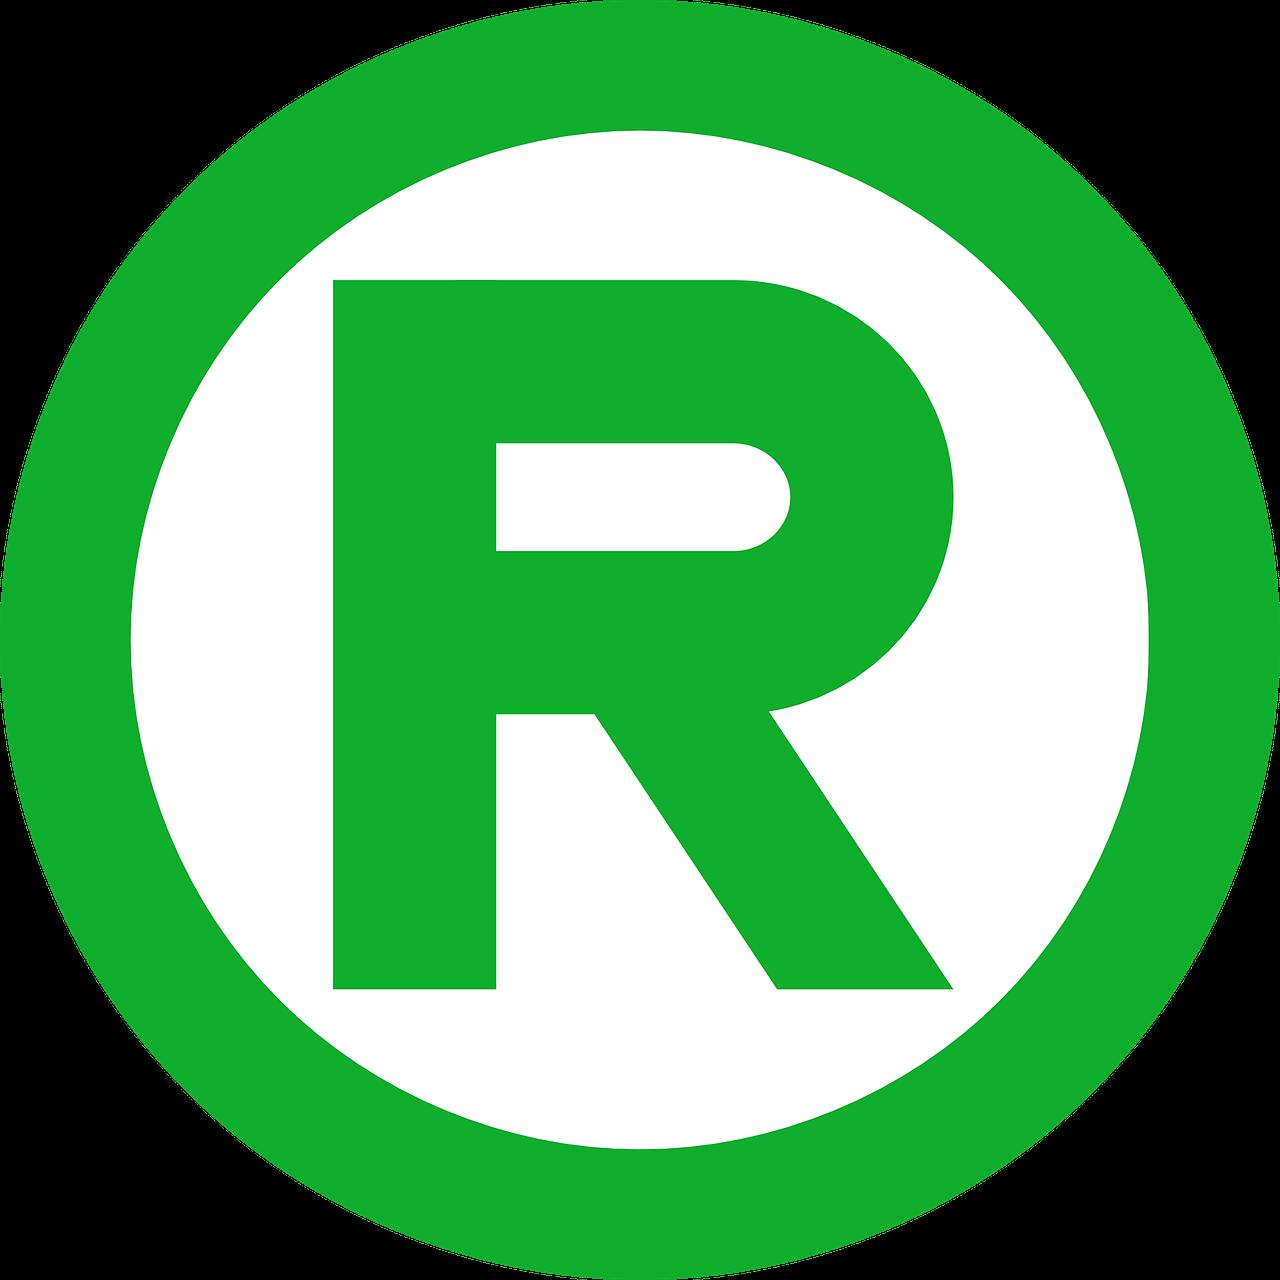 registered-trademark-39027_1280